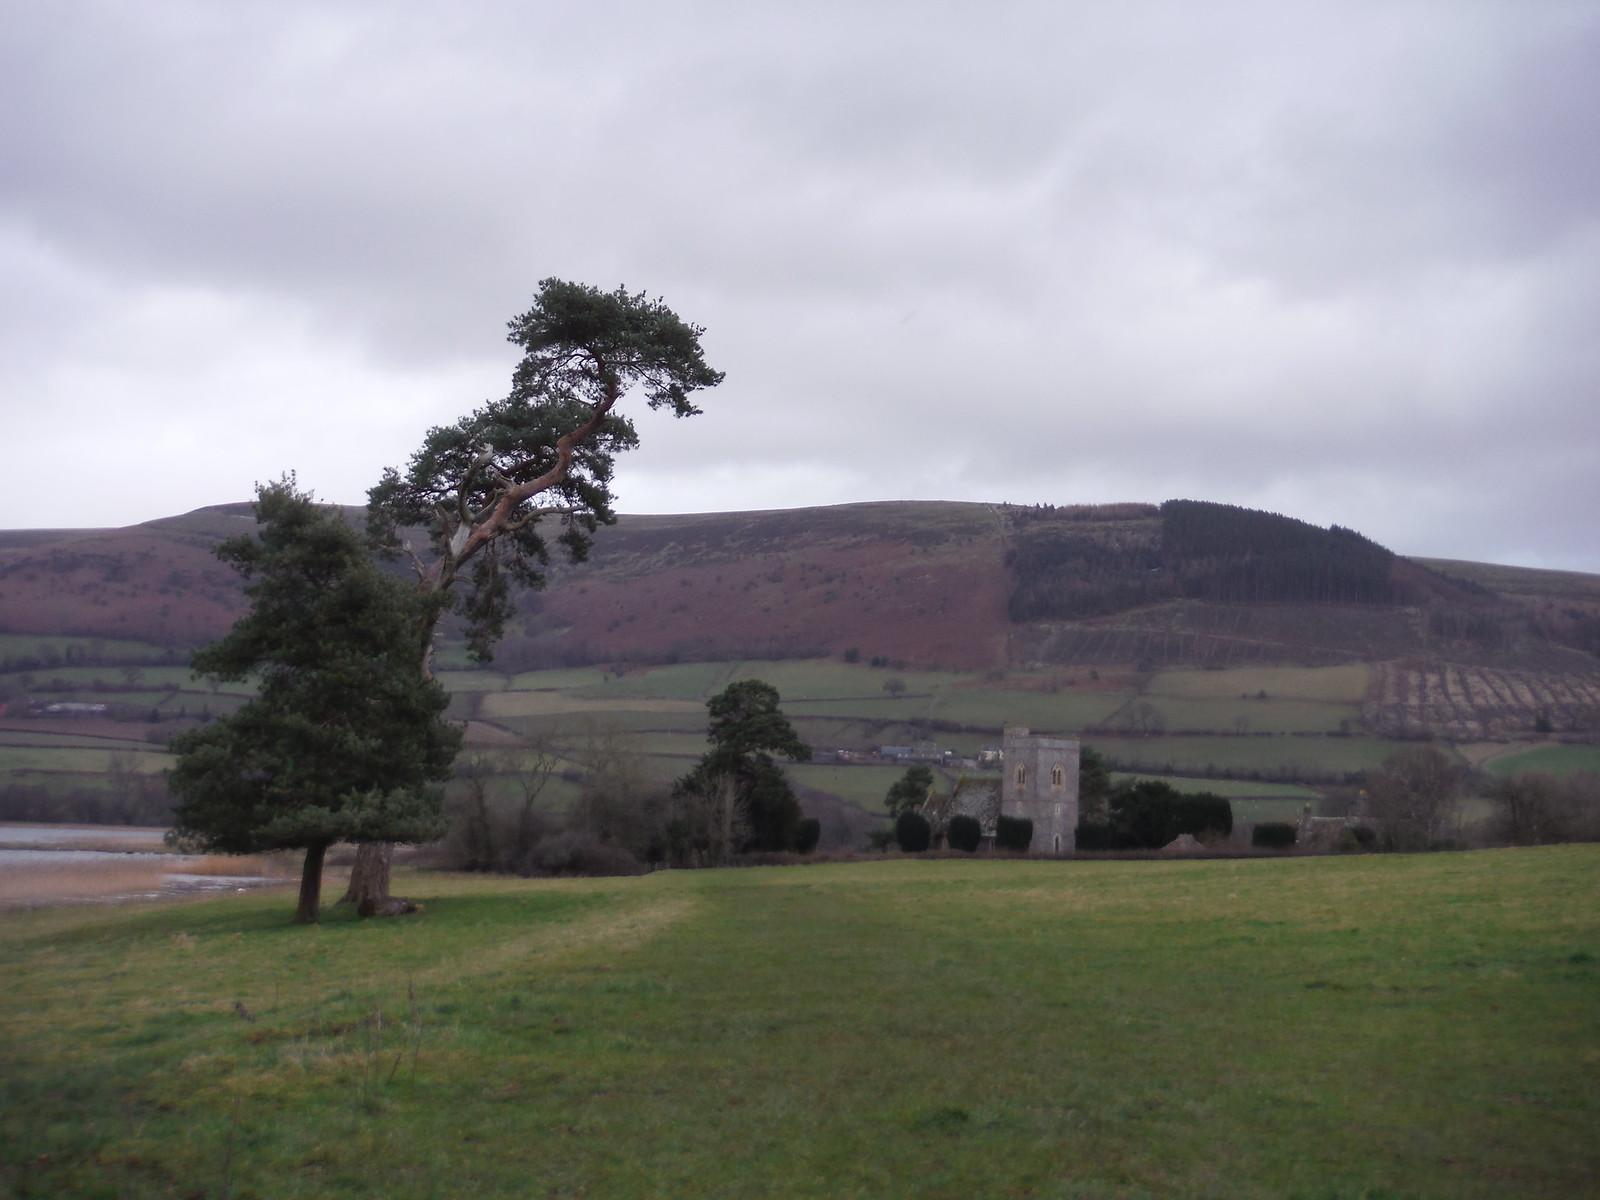 St. Gastyn's Church, Llangasty-Talyllyn and Mynydd Llangorse SWC Walk 308 - Bwlch Circular (via Mynydd Troed and Llangorse Lake)